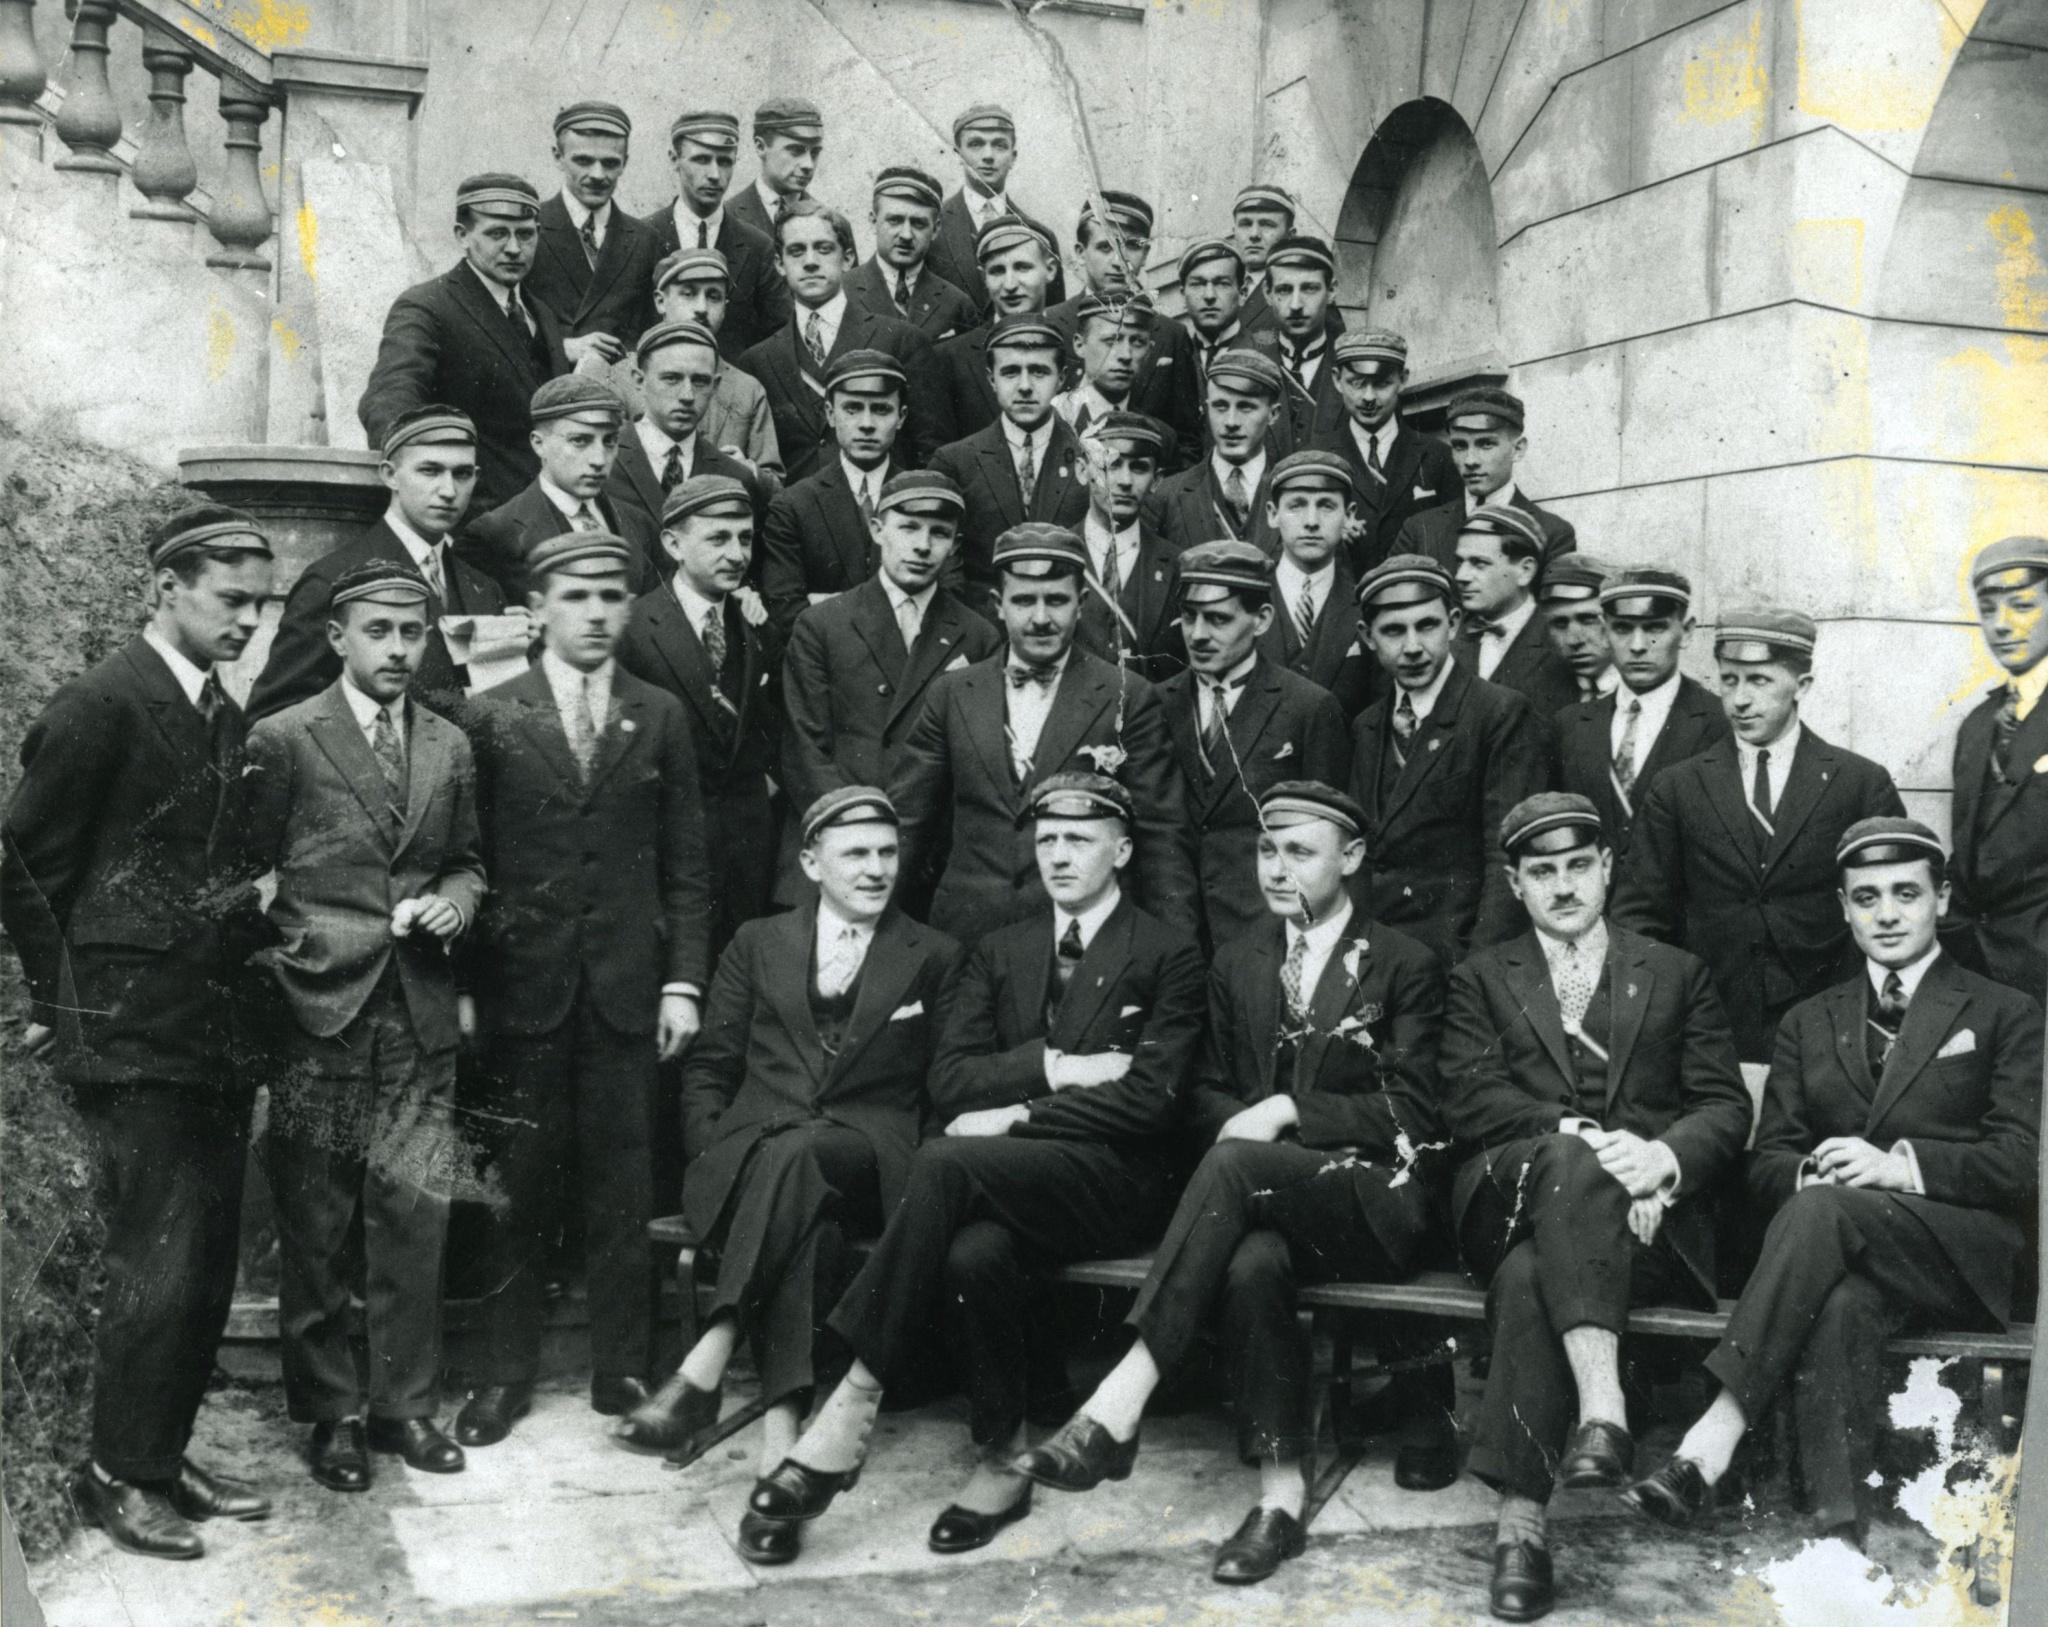 <div class='inner-box'><div class='close-desc'></div><span class='opis'>Członkowie Korporacji Patria. Jerzy Giedroyc (siedzi w I rzędzie, pierwszy od prawej). Oprócz niego na zdjęciu m.in. Jan Pożaryski i Czesław Gilewicz, zdjęcie z lat 1920-30.</span><div class='clearfix'></div><span>Sygn. FIL00115</span><div class='clearfix'></div><span>© Instytut Literacki</span></div>